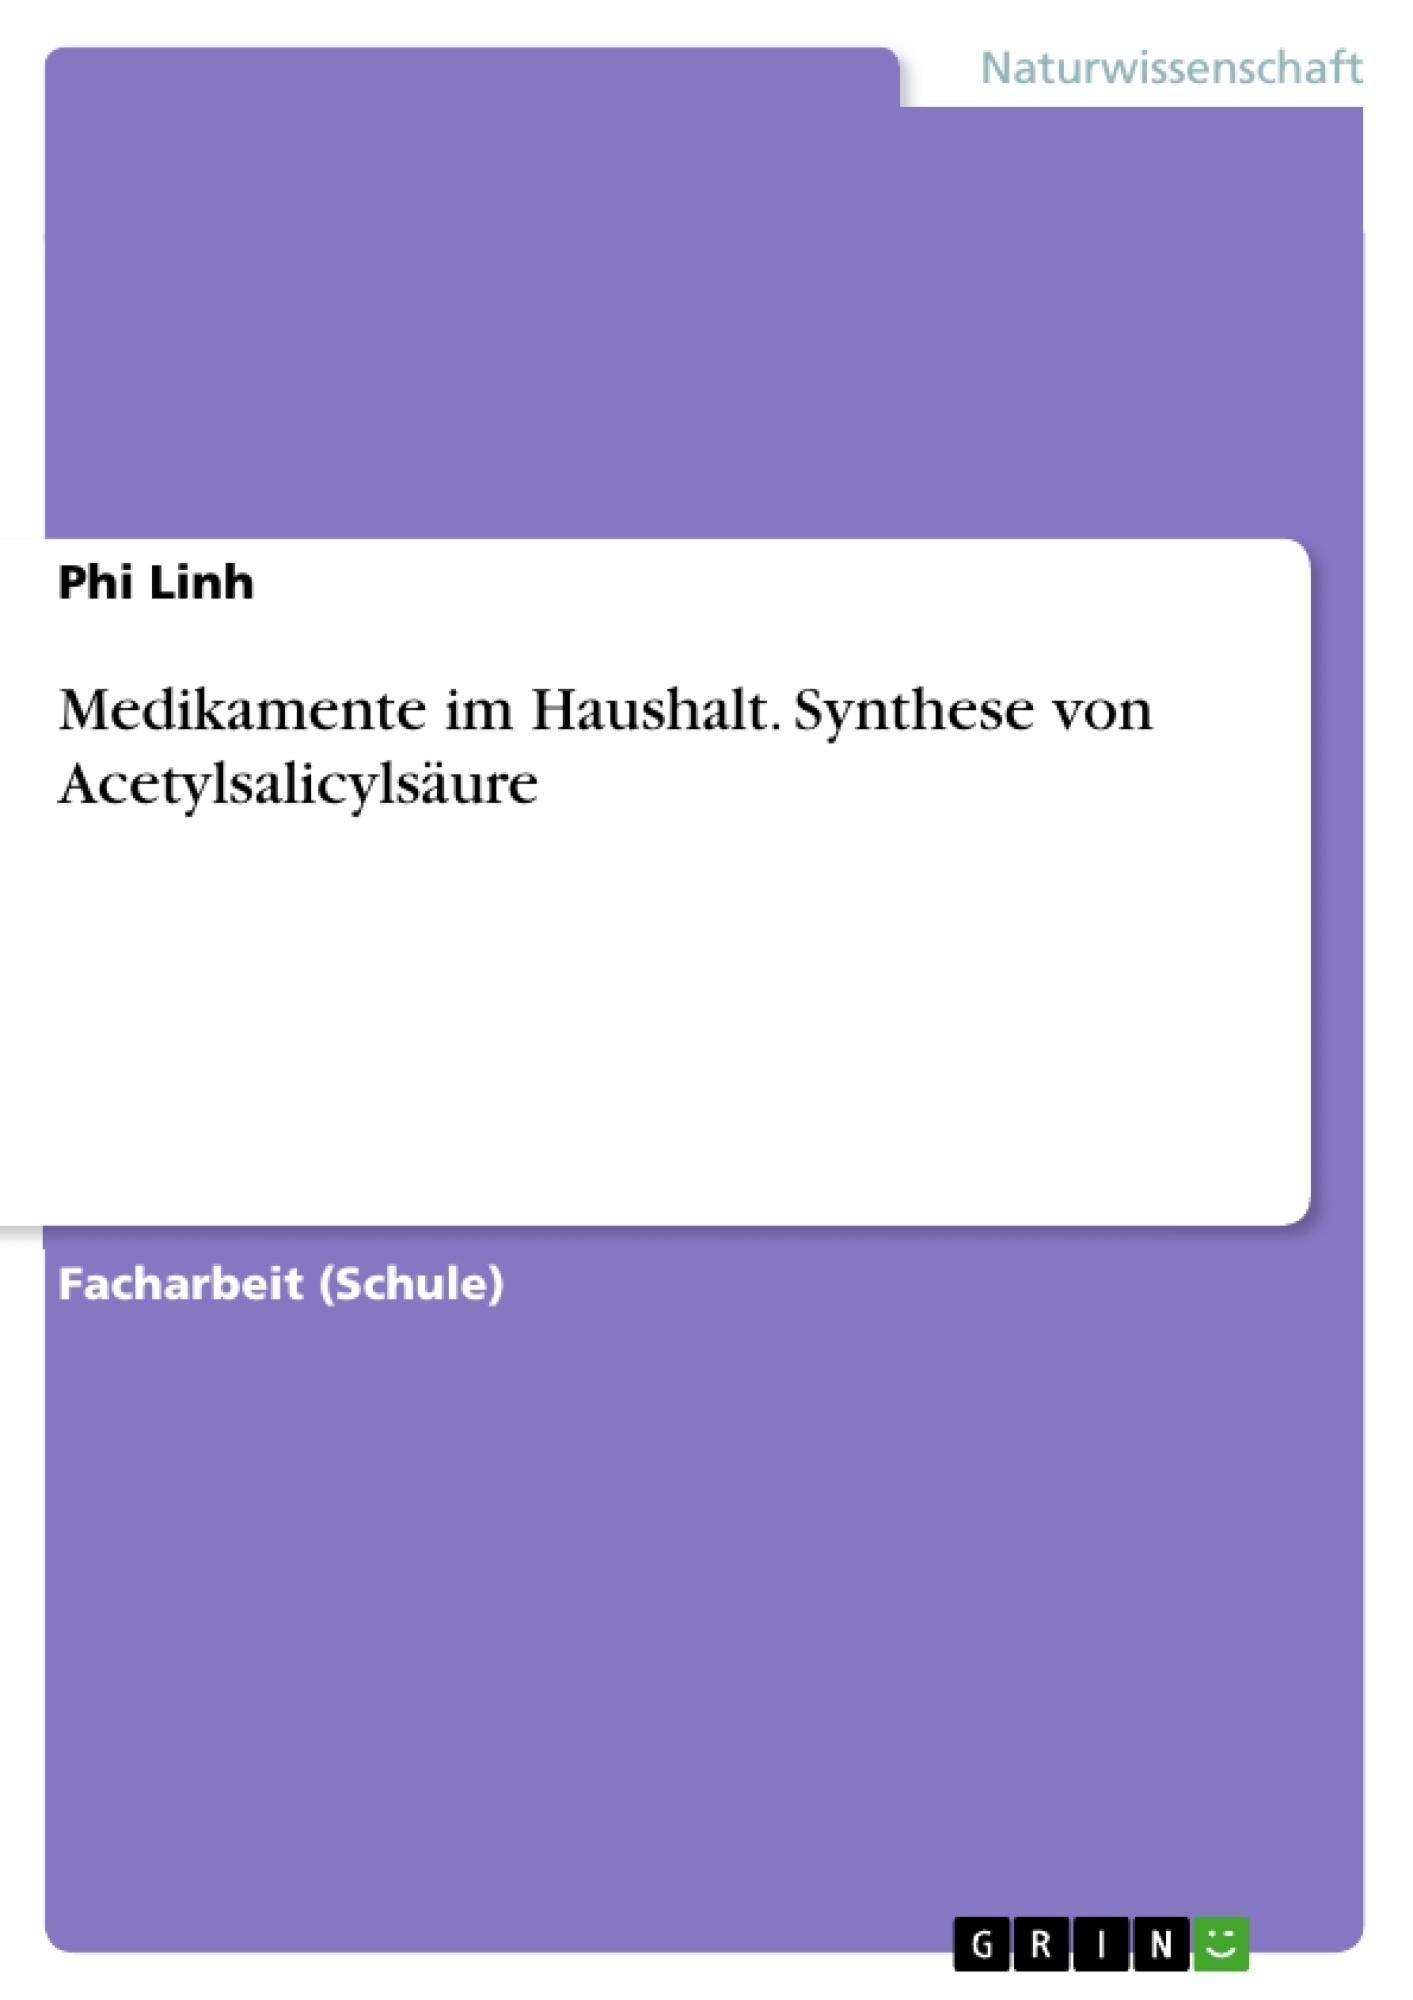 Titel: Medikamente im Haushalt. Synthese von Acetylsalicylsäure